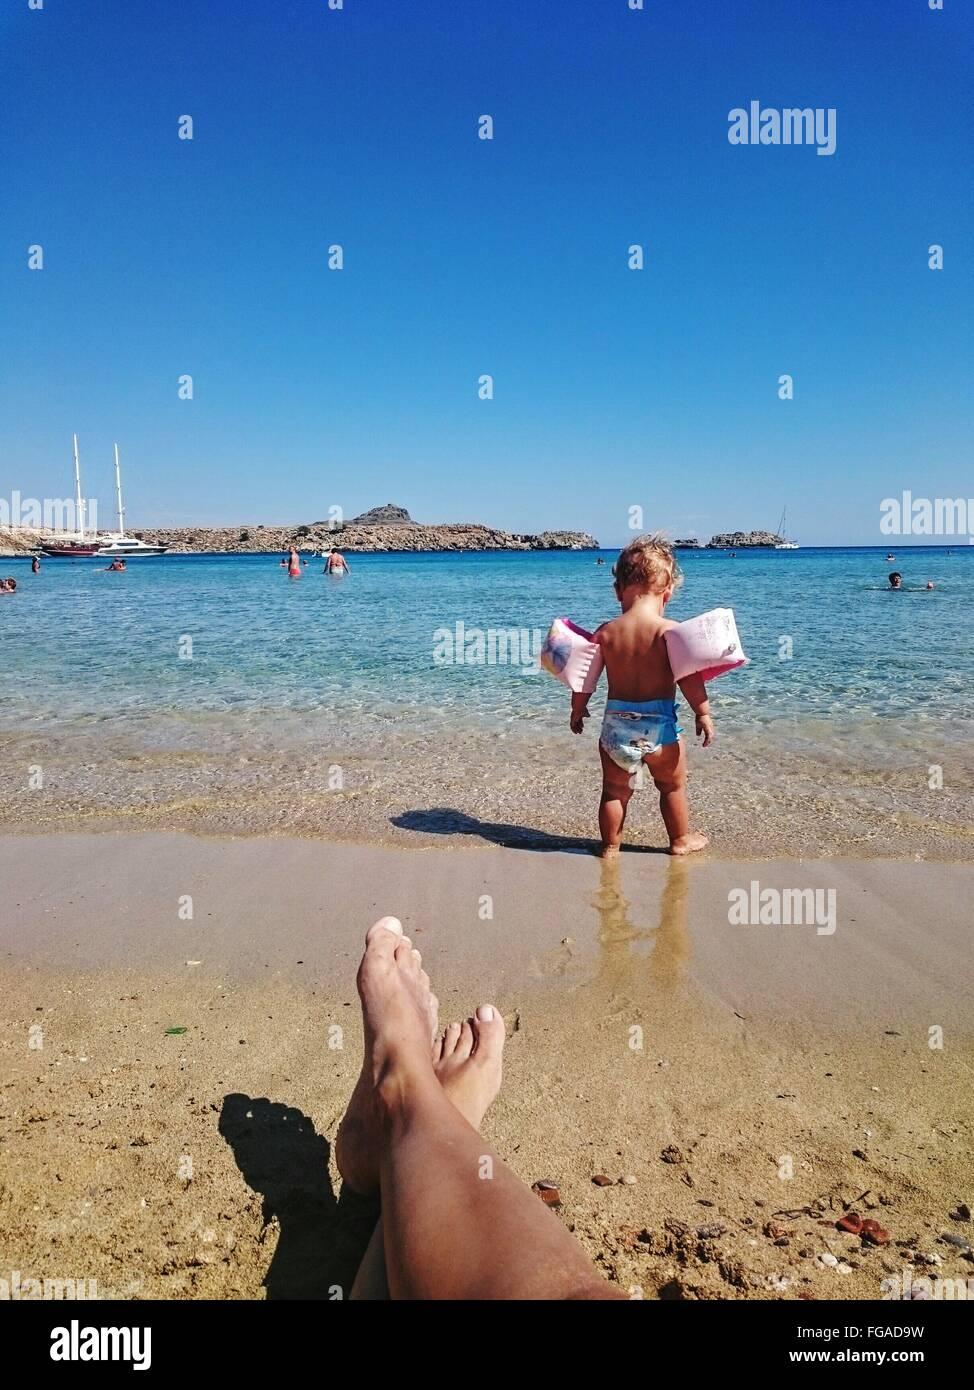 Recorta las piernas del hombre delante de un niño llevando agua alas por mar contra el cielo Imagen De Stock